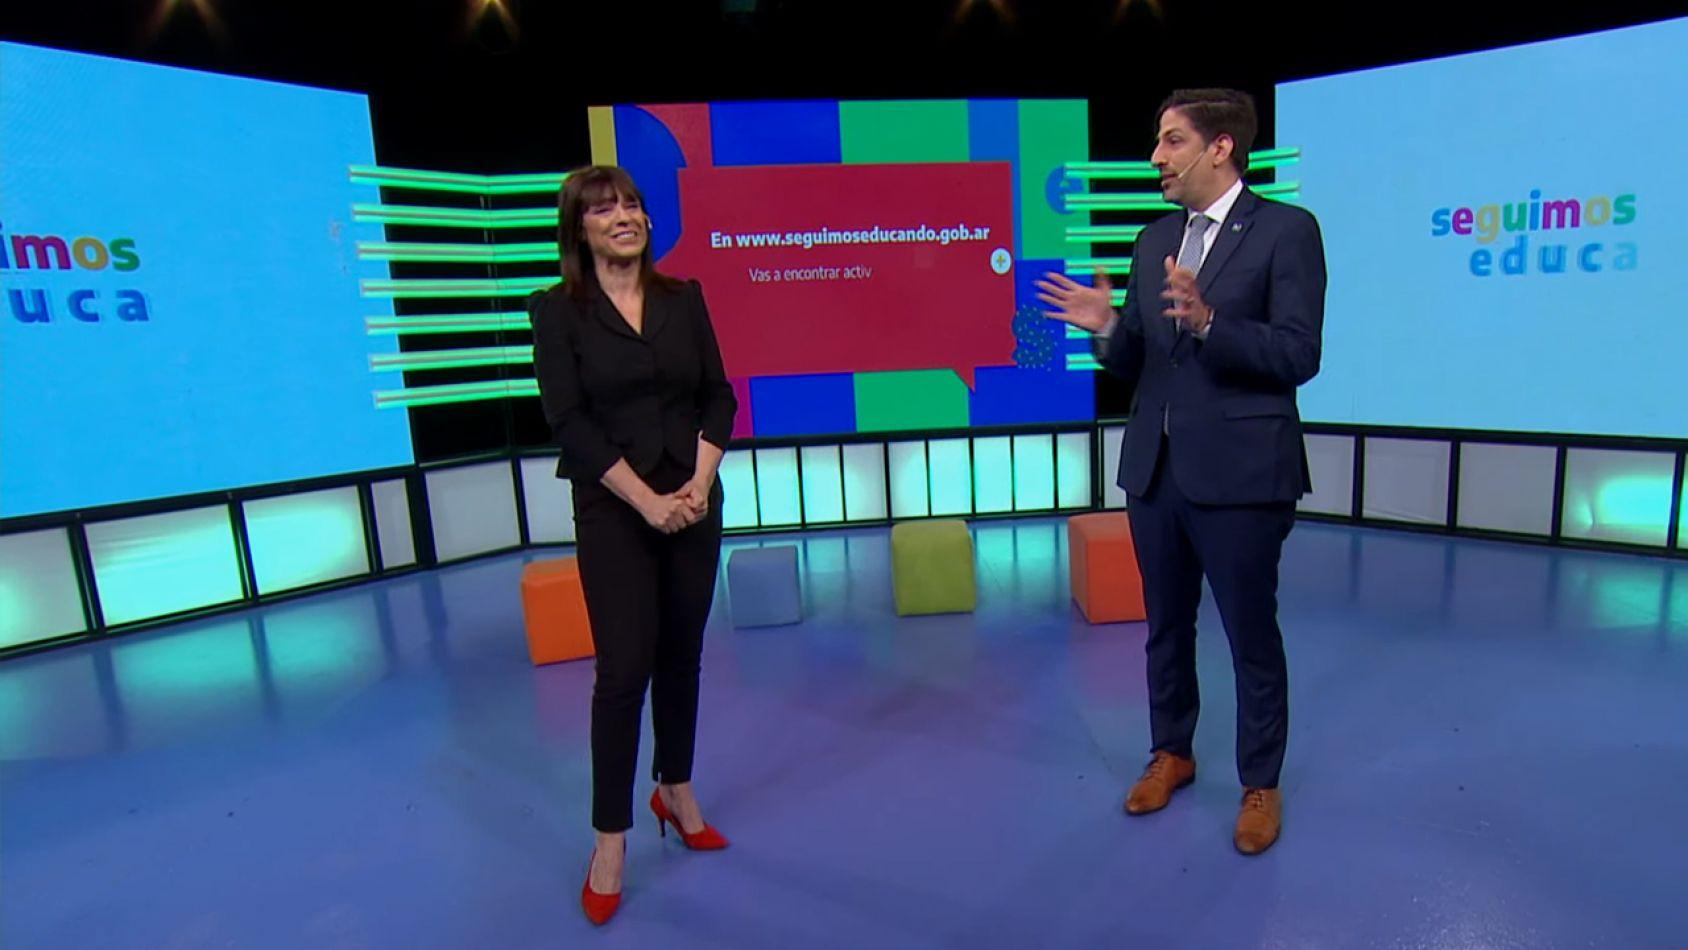 Foto: Tv Pública. El ministro de Educación Nicolás Trotta junto a la secretaria de Medios Rosario Lufrano